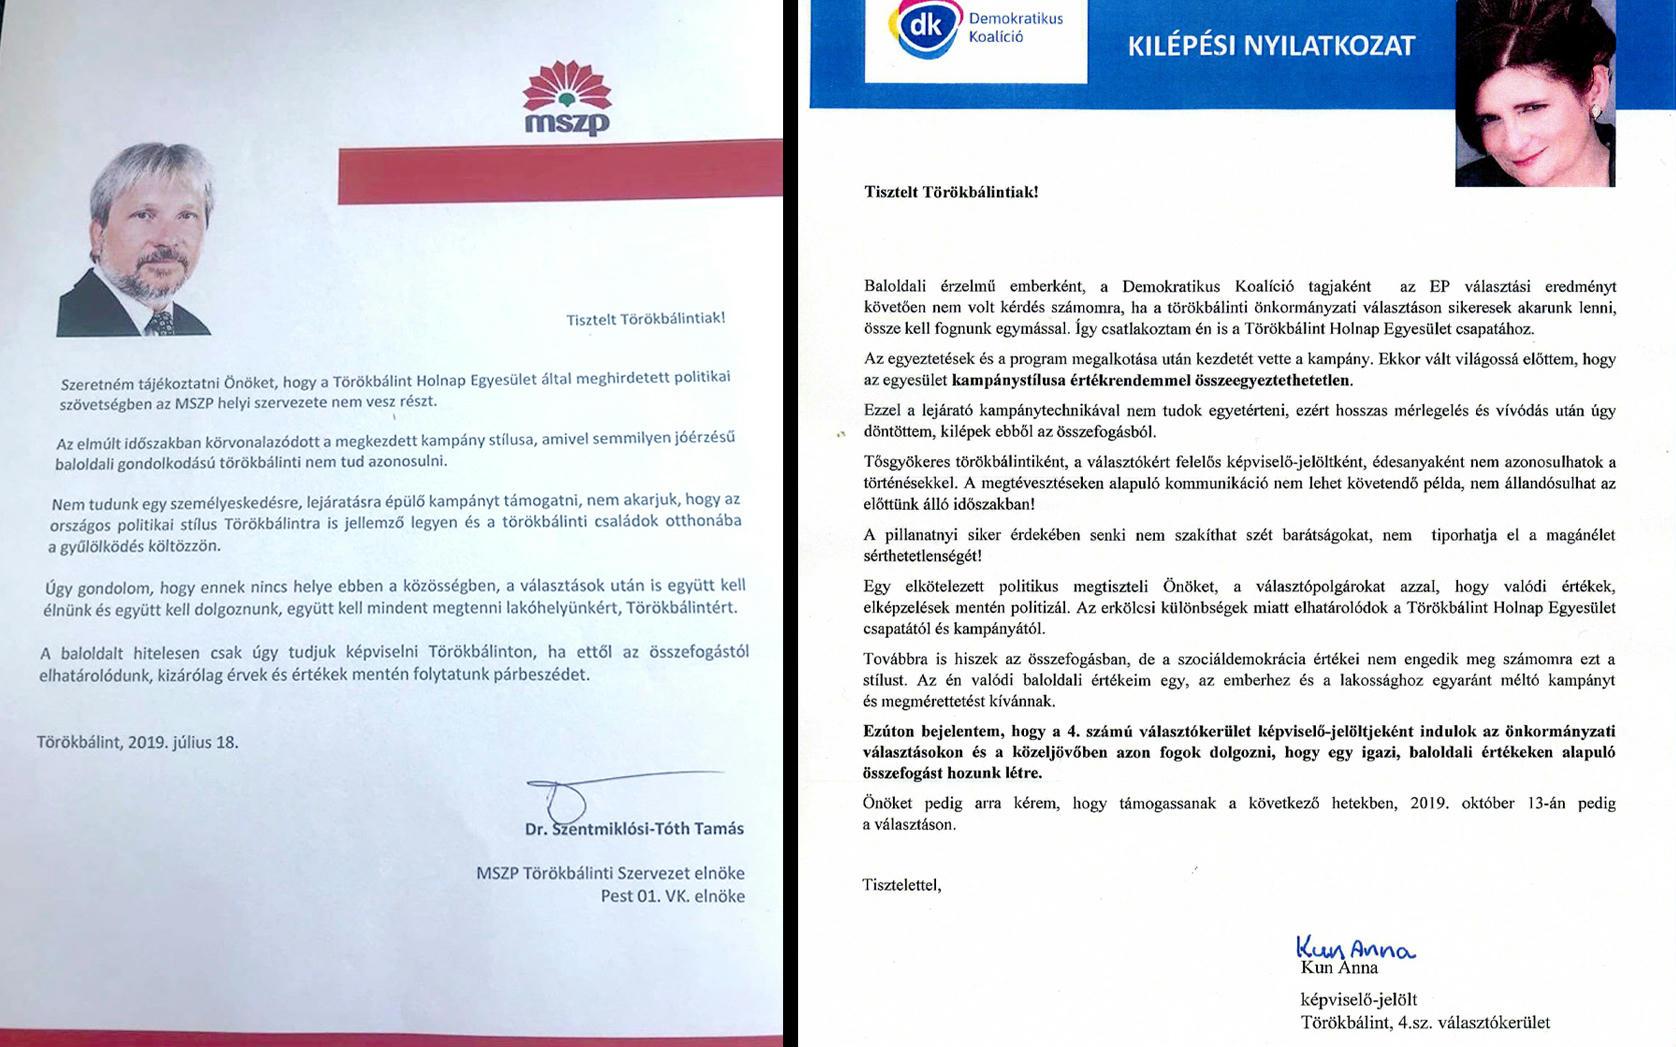 Kizárják az MSZP-ből az önkormányzati képviselőt, aki javasolta, hogy a fideszes polgármester háromszoros jutalmat kapjon